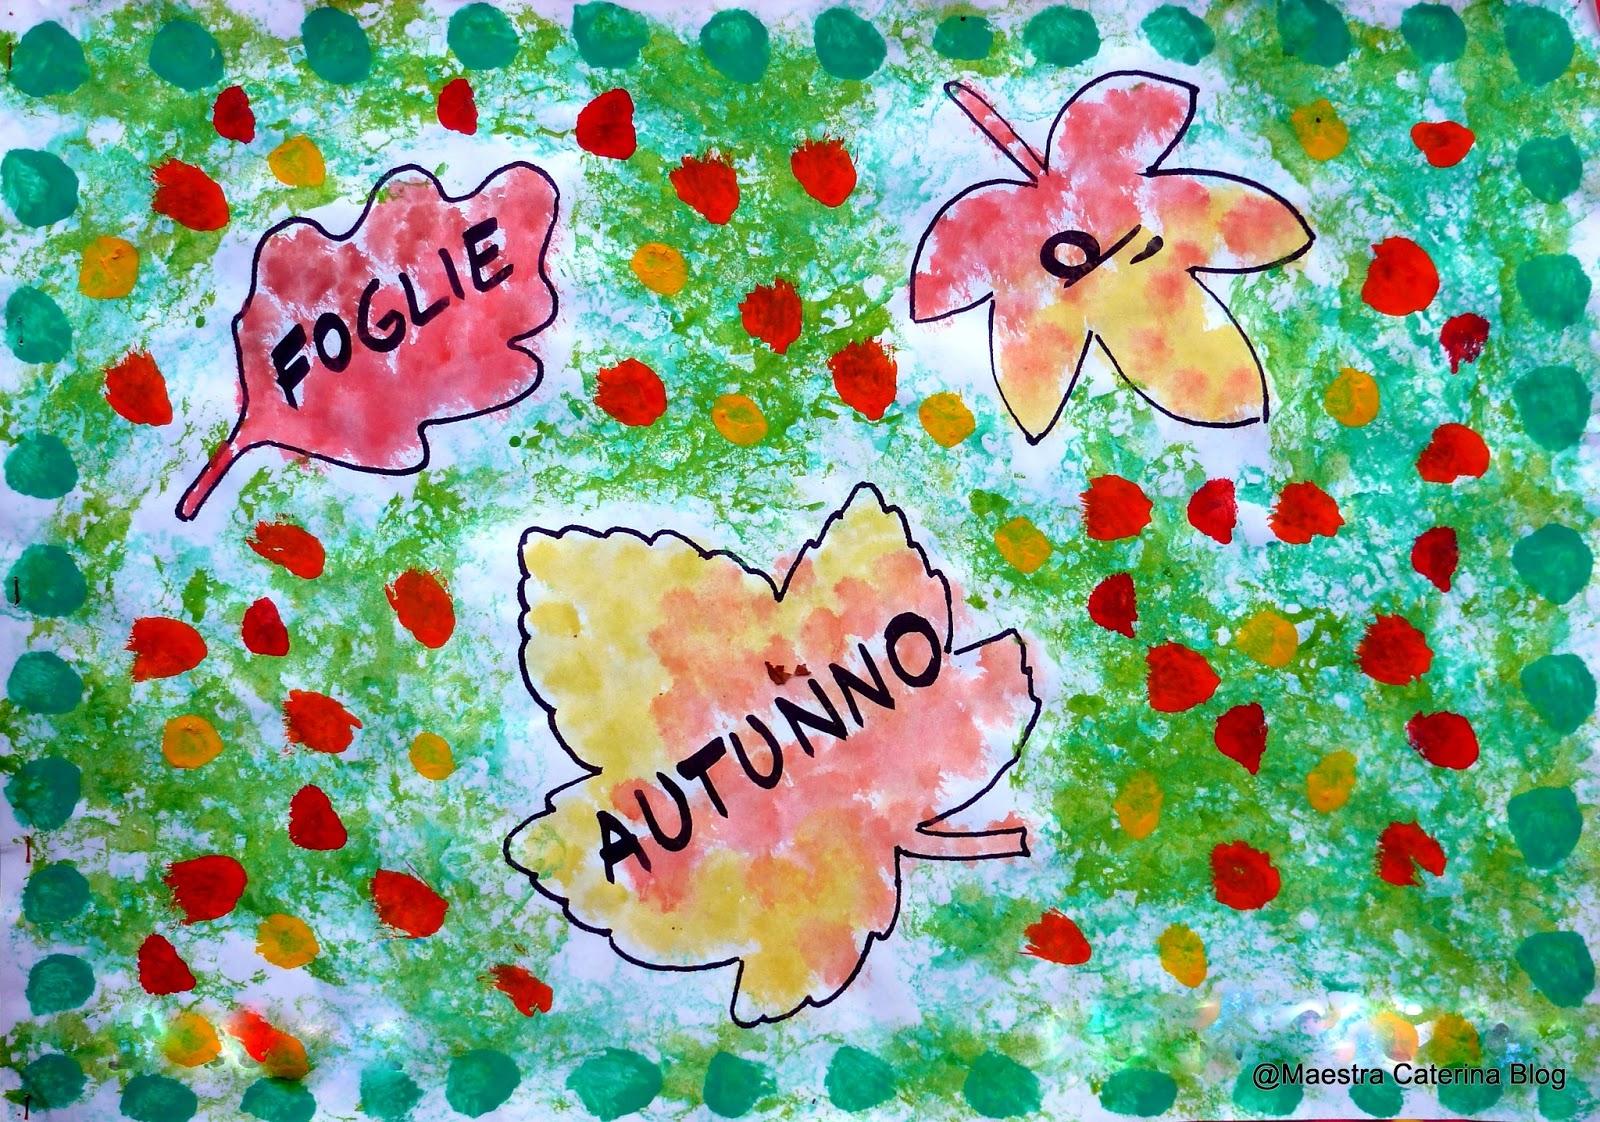 Maestra caterina autunno attivit con lo gnomo spazzafoglie - Scuola per piastrellisti ...